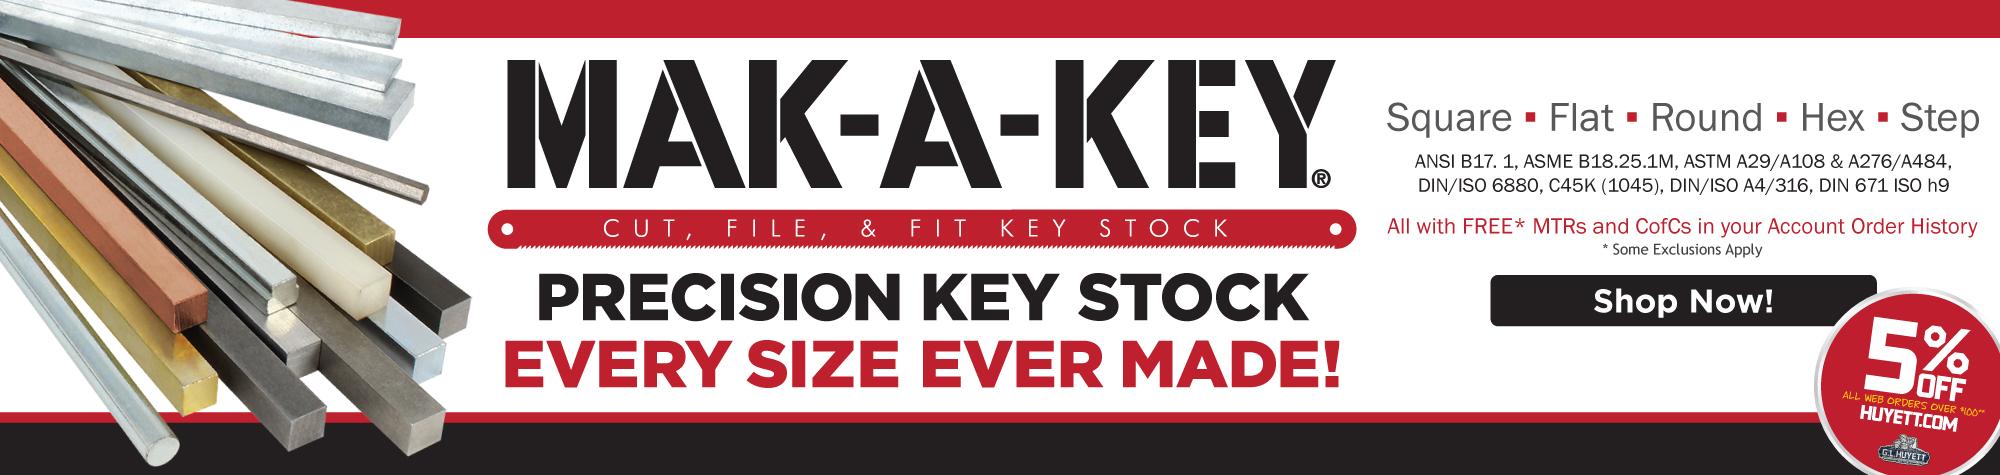 MAKAKEY-KeyStock